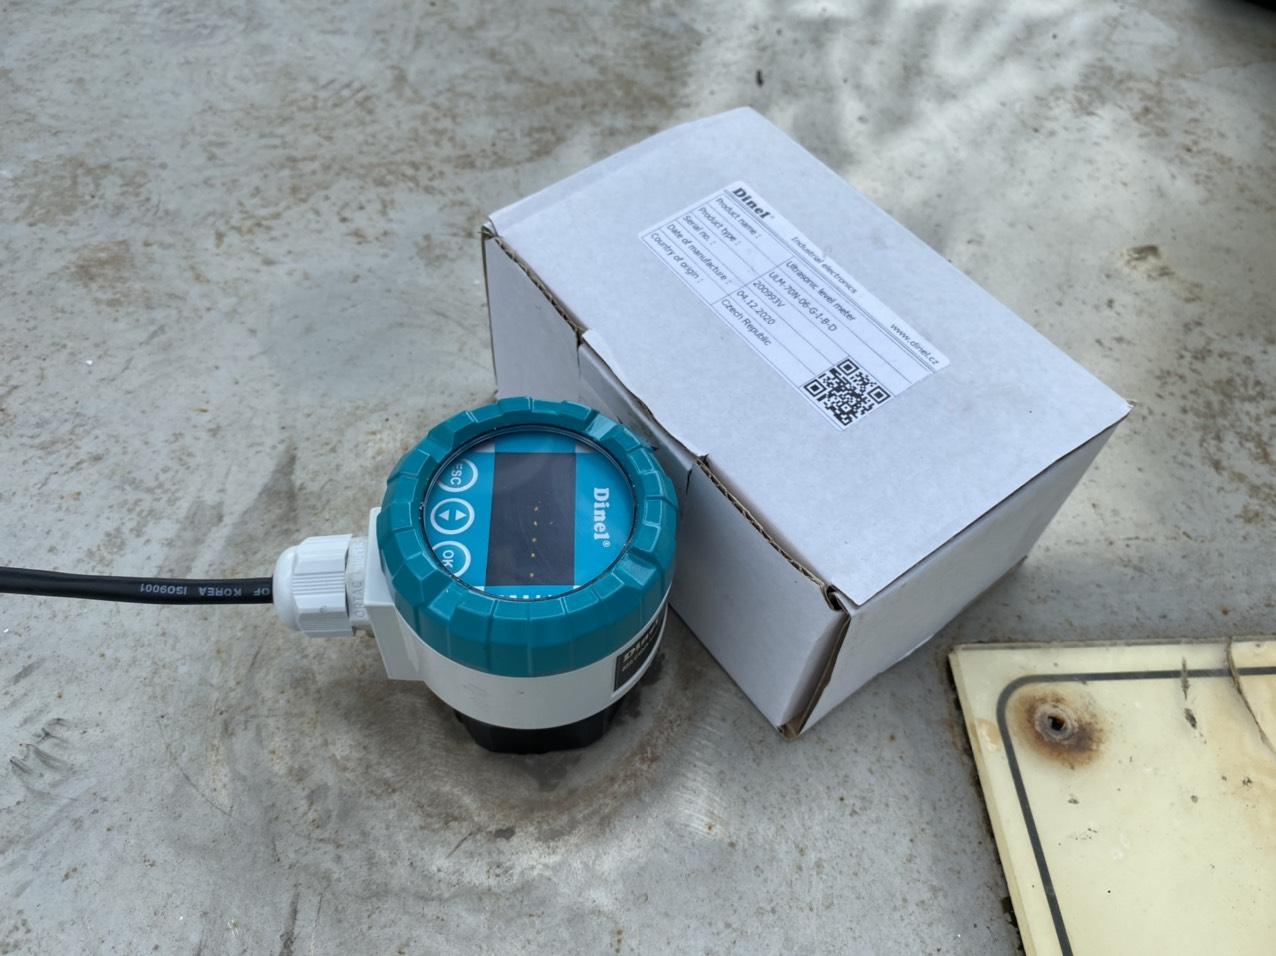 Lắp đặt cảm biến siêu âm ULM-70N